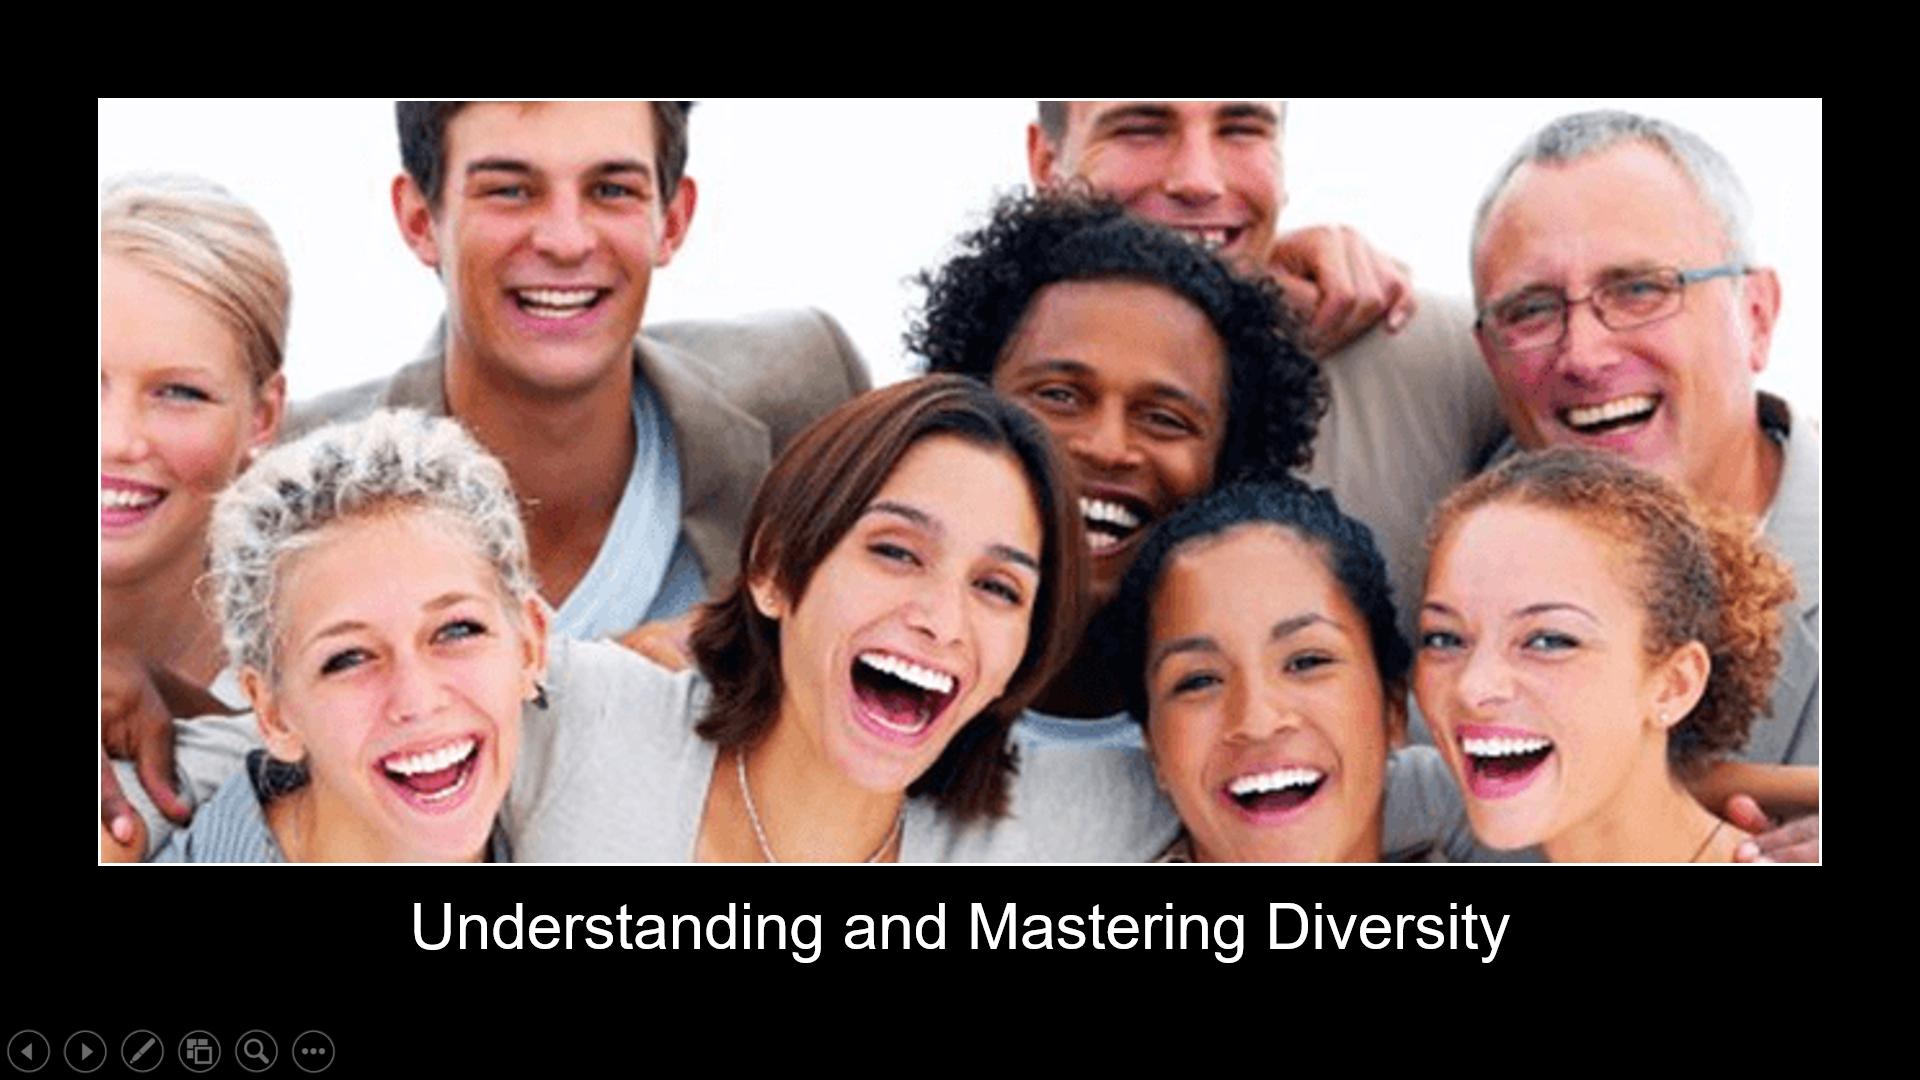 Understanding and Mastering Diversity